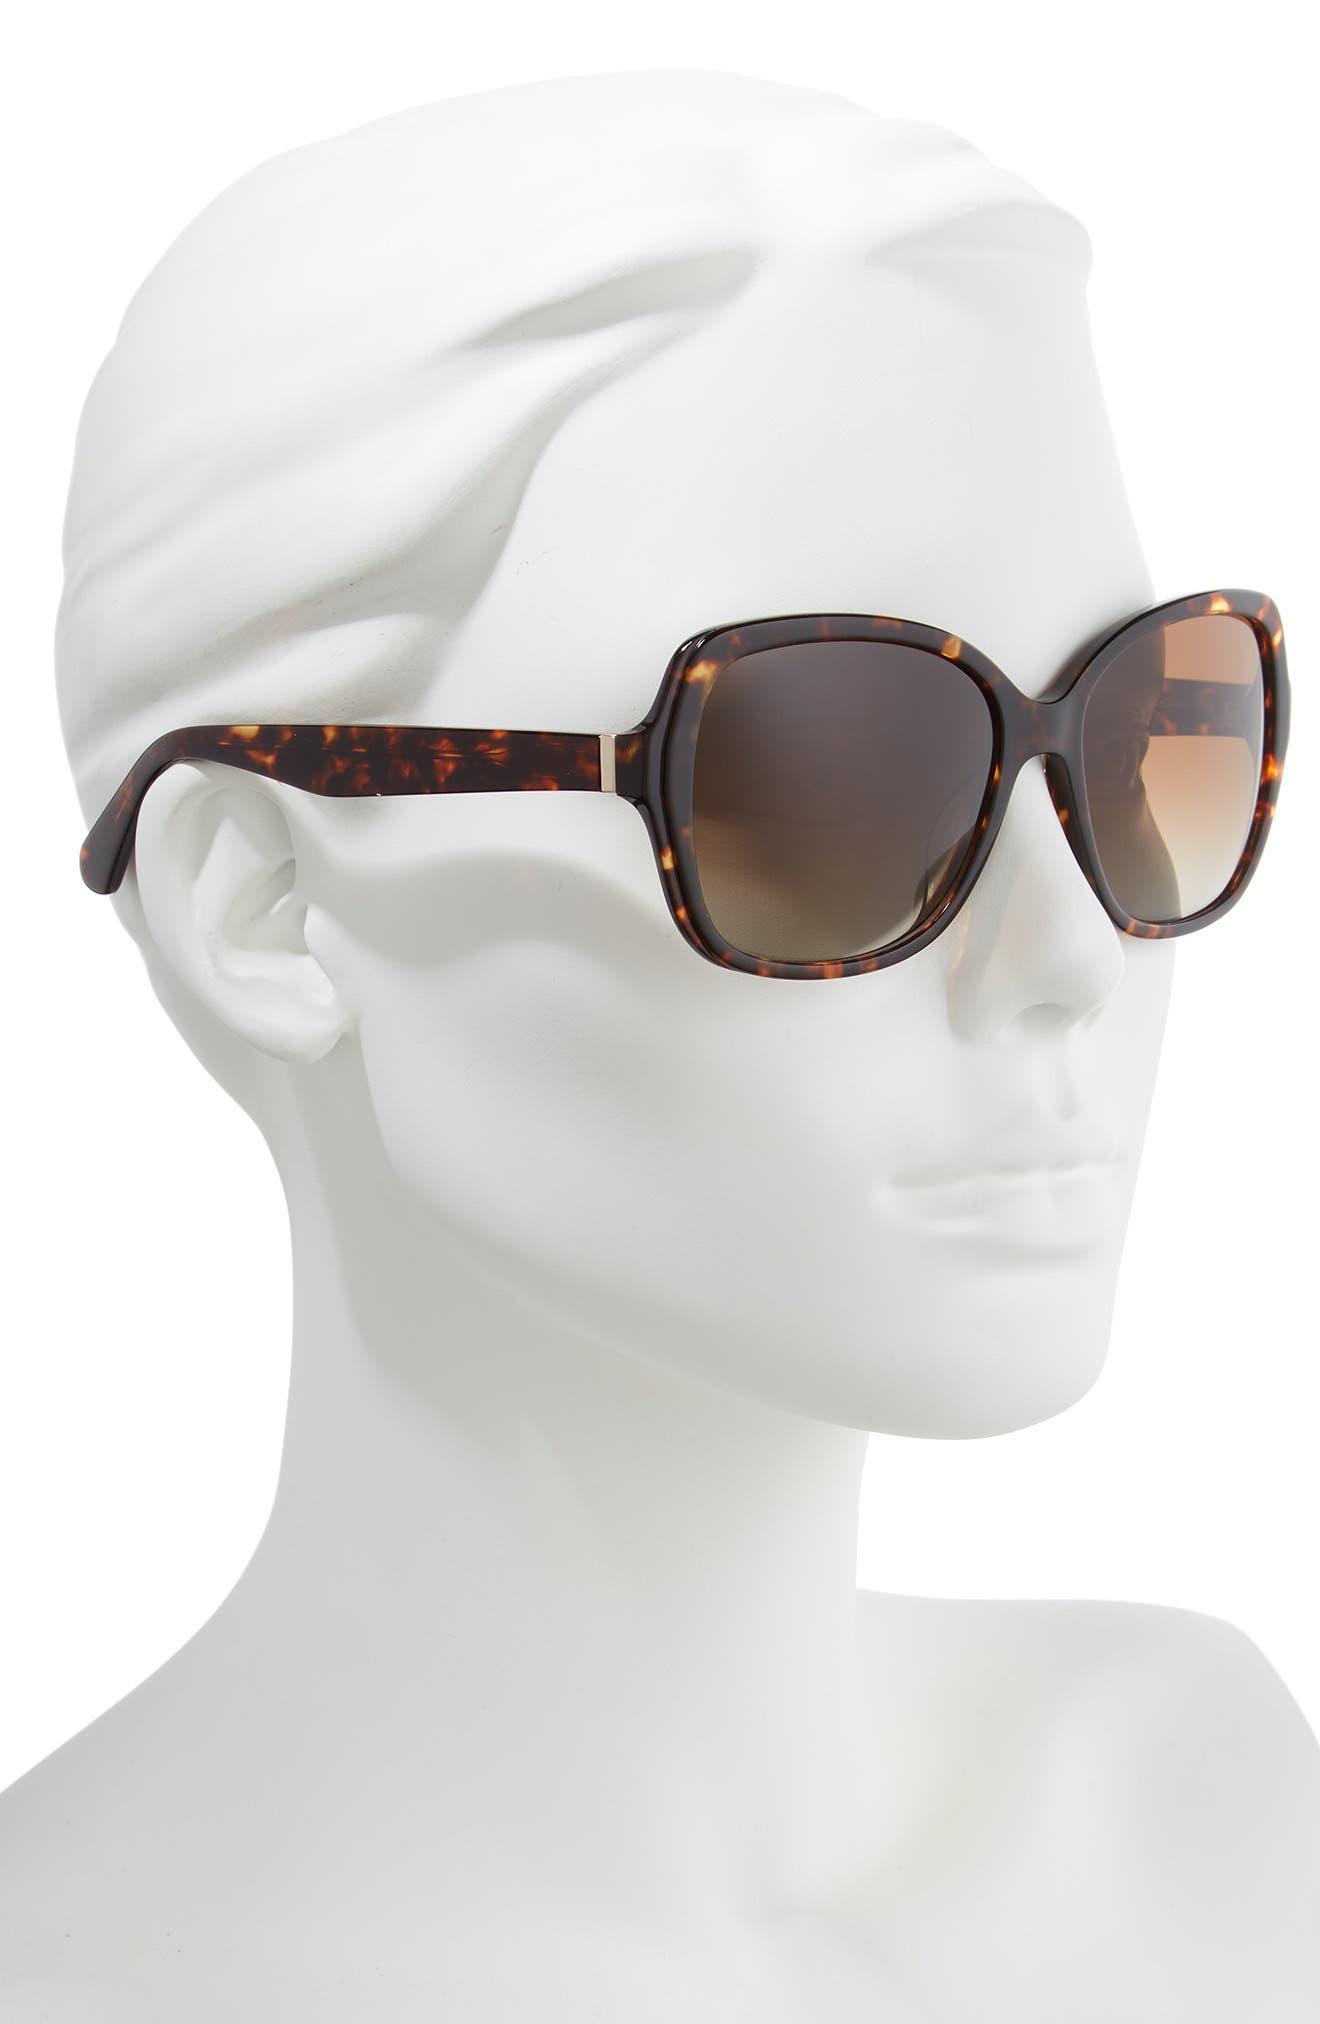 karalyns 56mm oversized sunglasses,                             Alternate thumbnail 2, color,                             DARK HAVANA